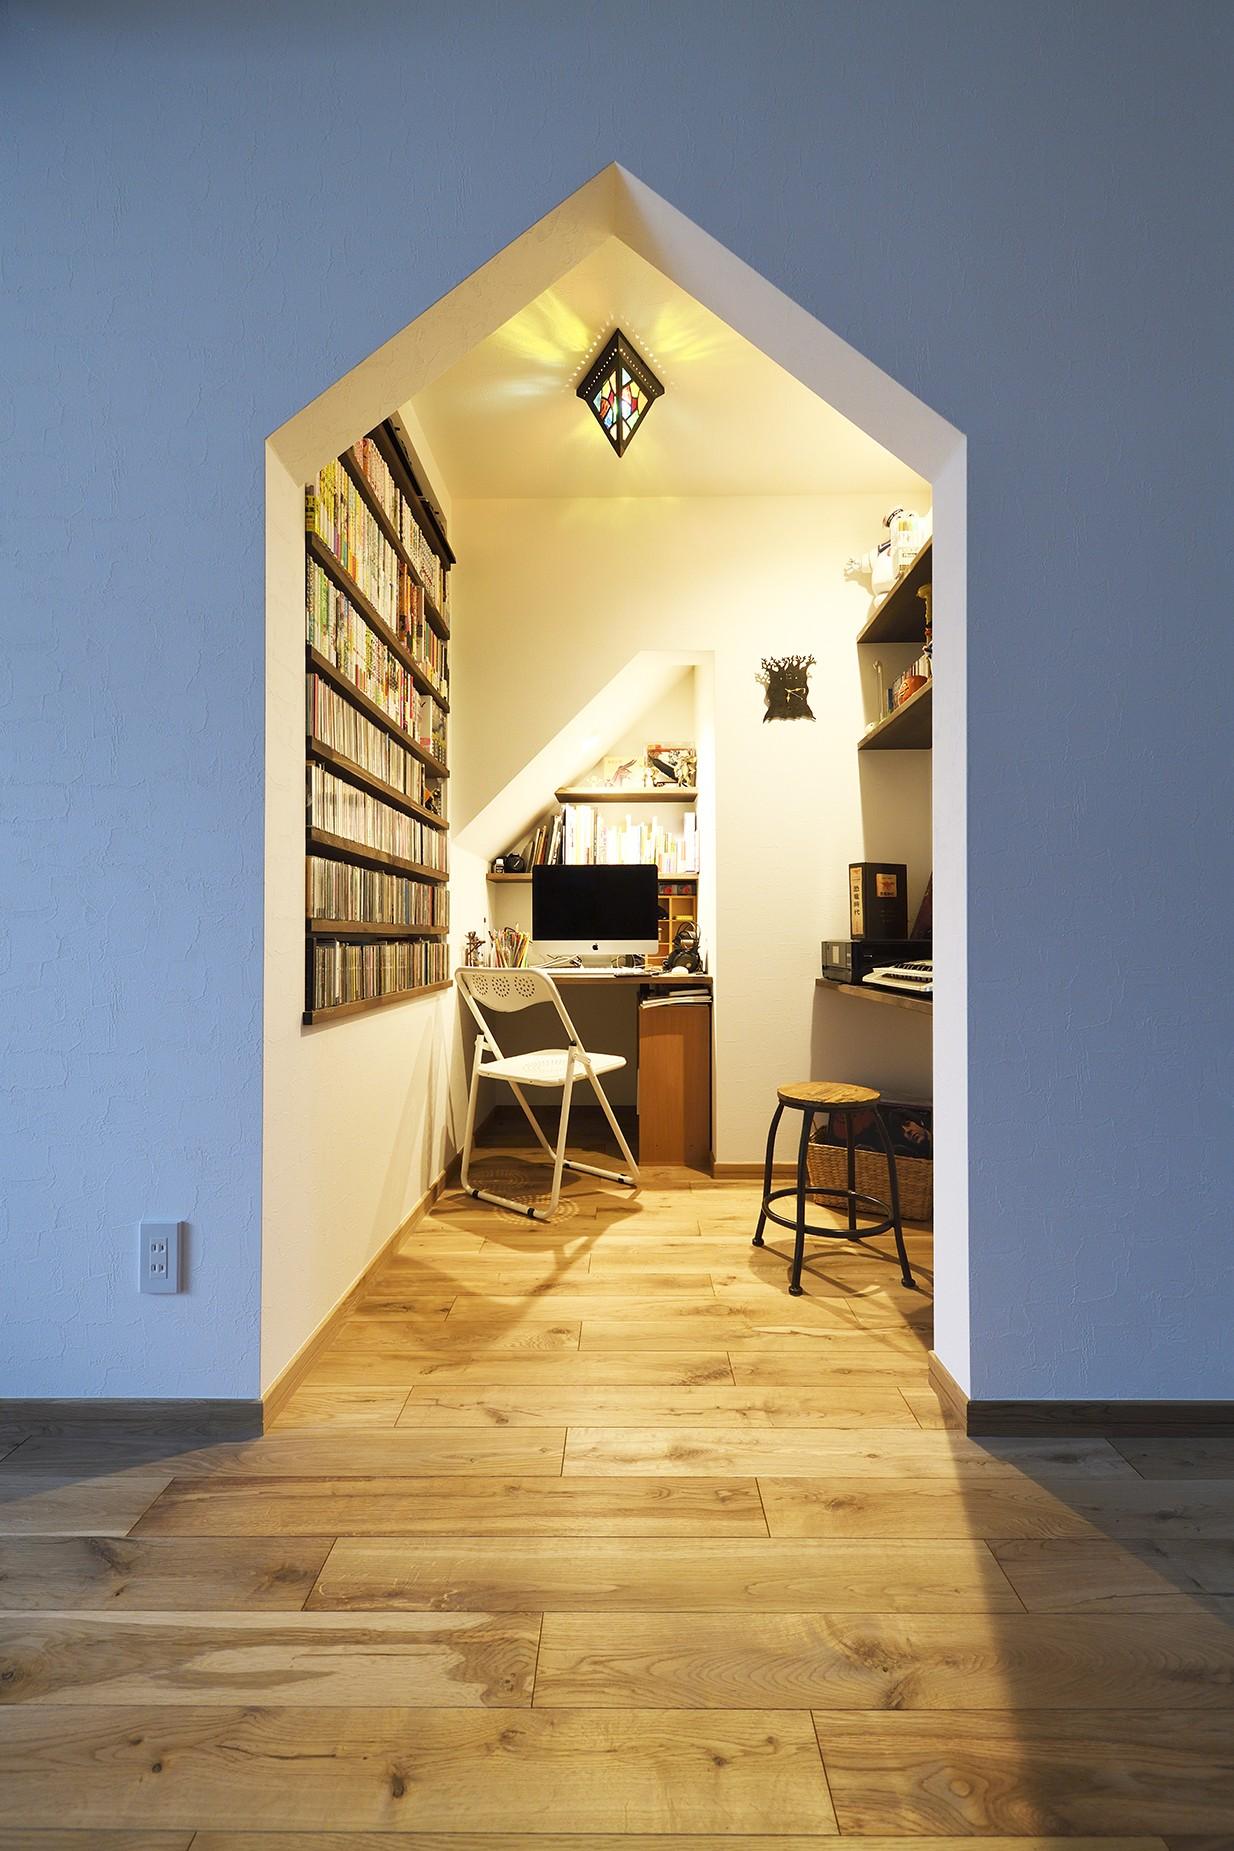 書斎事例:デザイン性の高い書斎(庭を眺めるアトリエ付きの家)